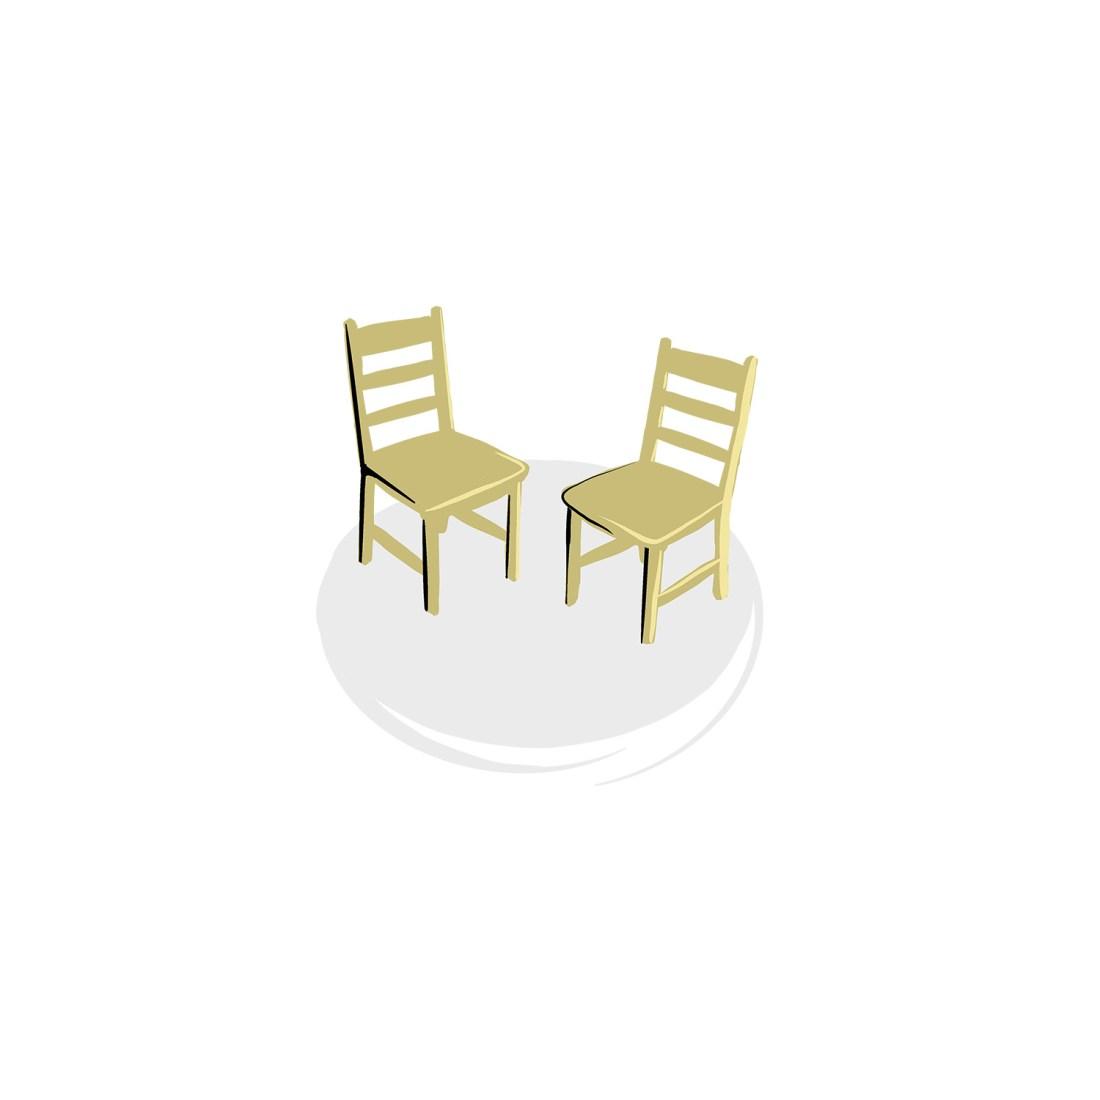 präsenz Stühle commma